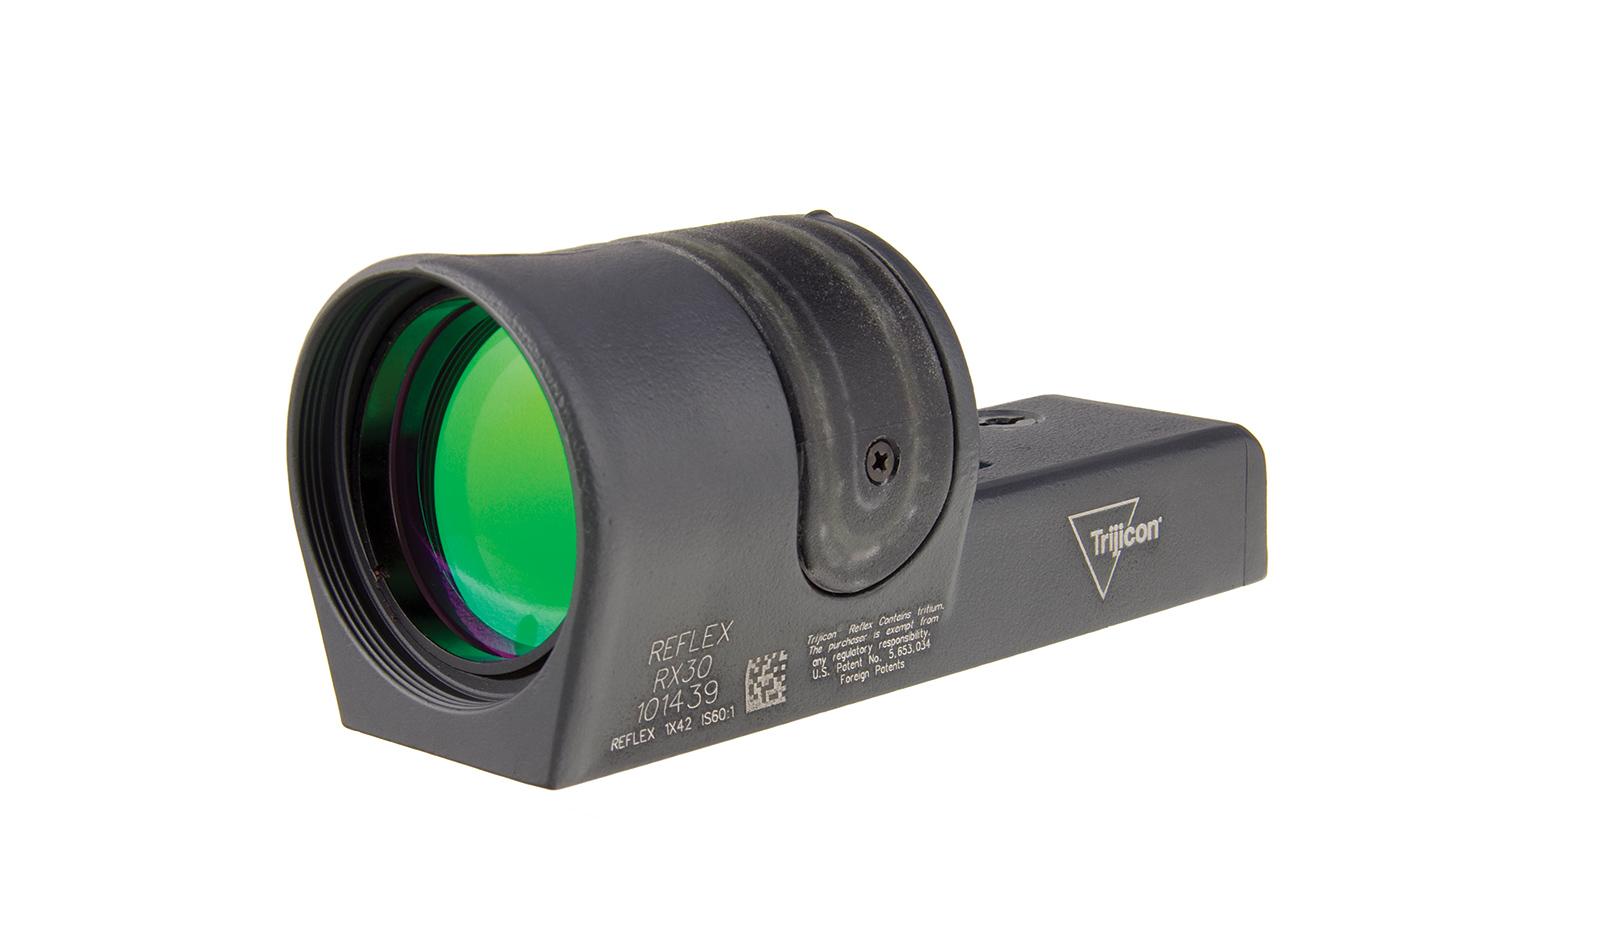 RX30-C-800065 angle 1